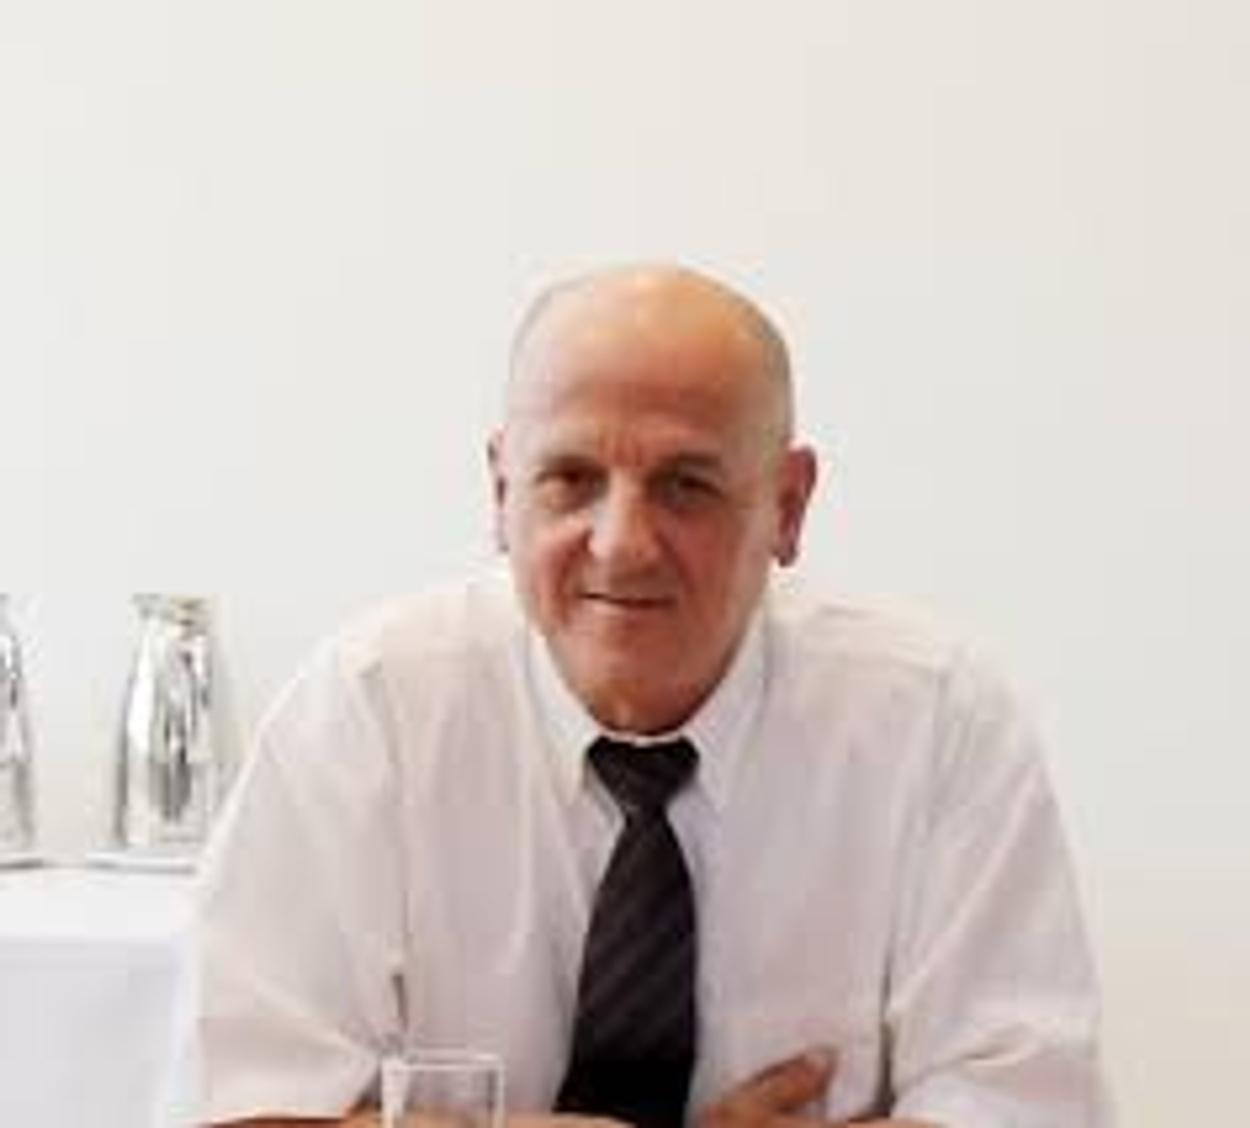 Έφυγε από τη ζωή ο γενικός διευθυντής της Isomat Στέλιος Δελητζάς